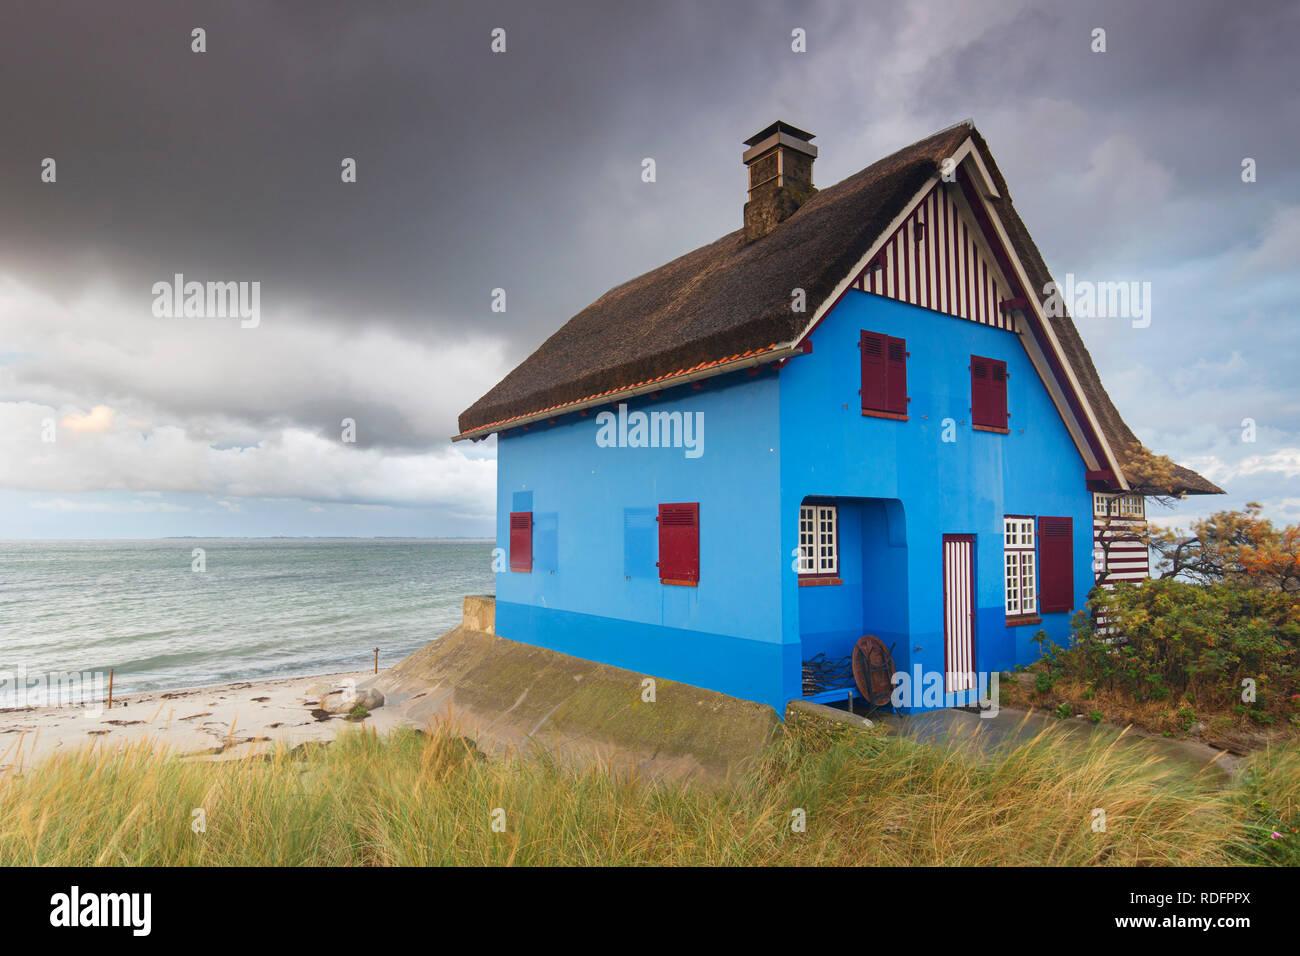 Blue beach house sulla penisola Graswarder, Heiligenhafen, Schleswig-Holstein, Germania Foto Stock